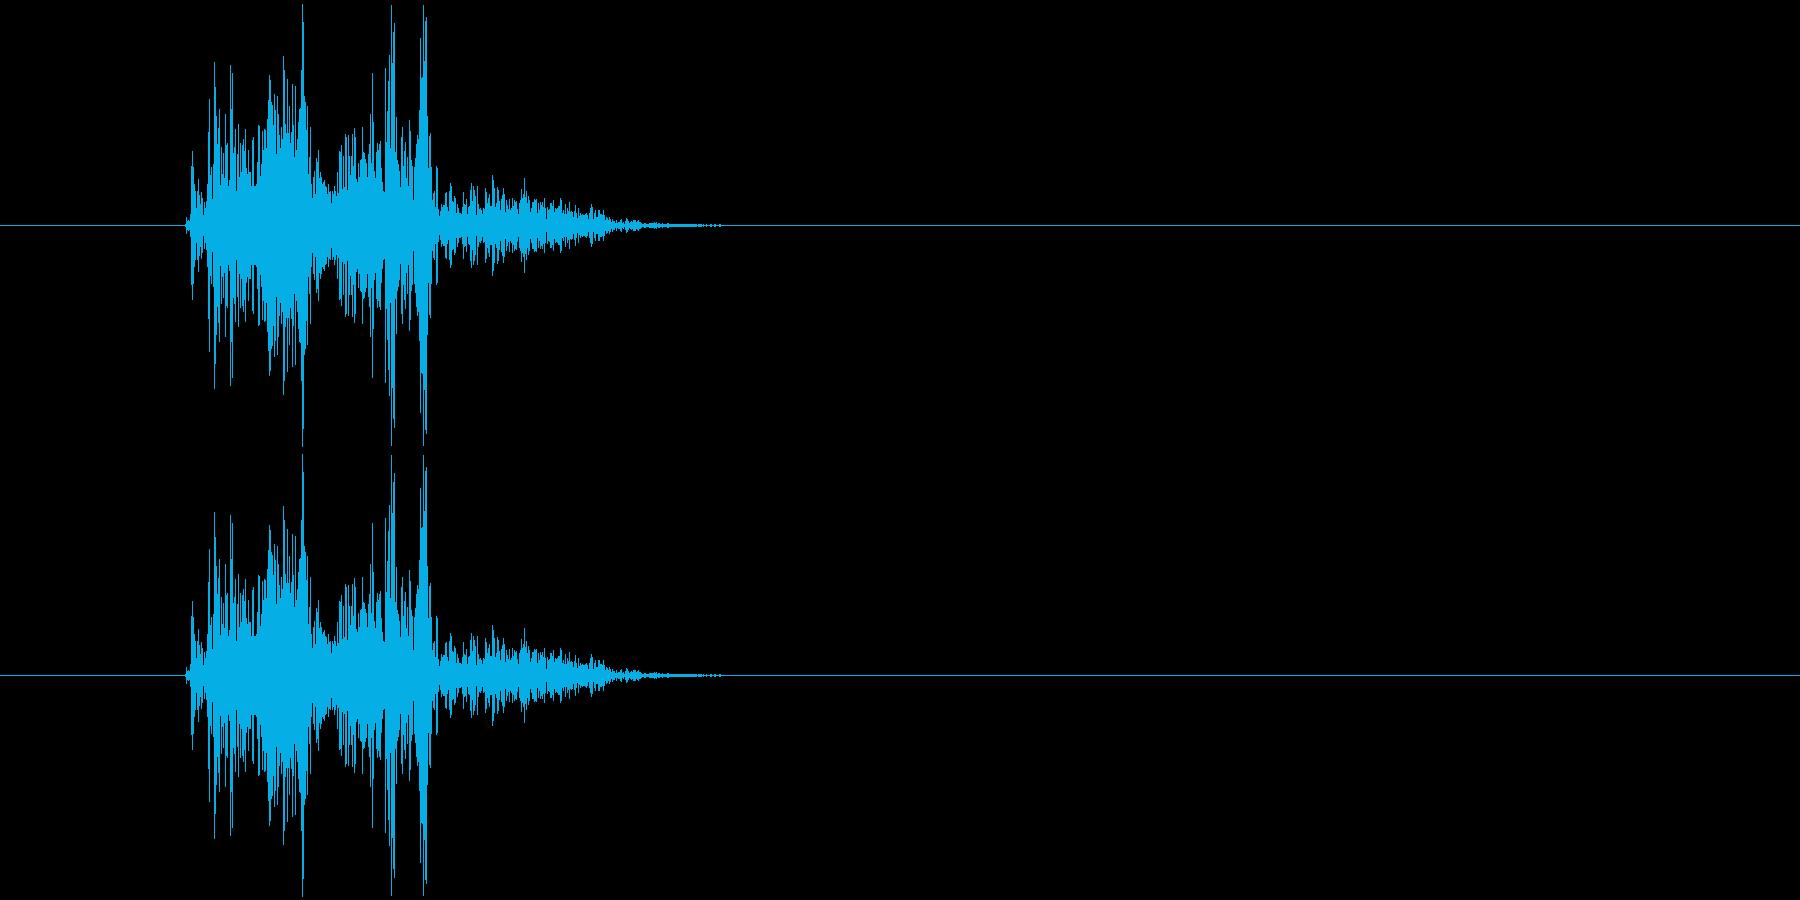 バタン(衝撃、打撃音)の再生済みの波形